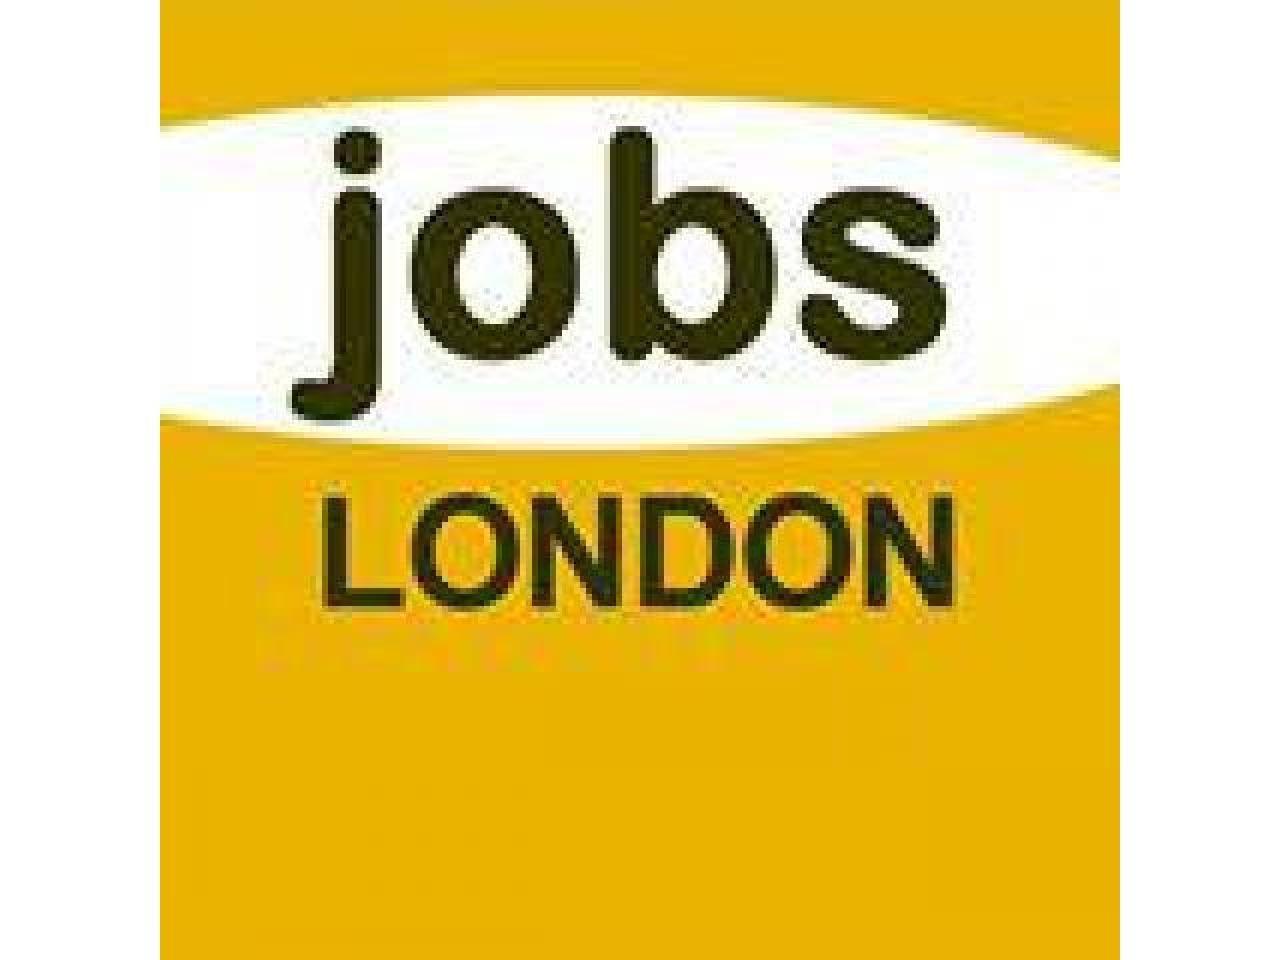 Требуются работники на разные вакансии в Лондоне и услуги по разным документам для работы - 1